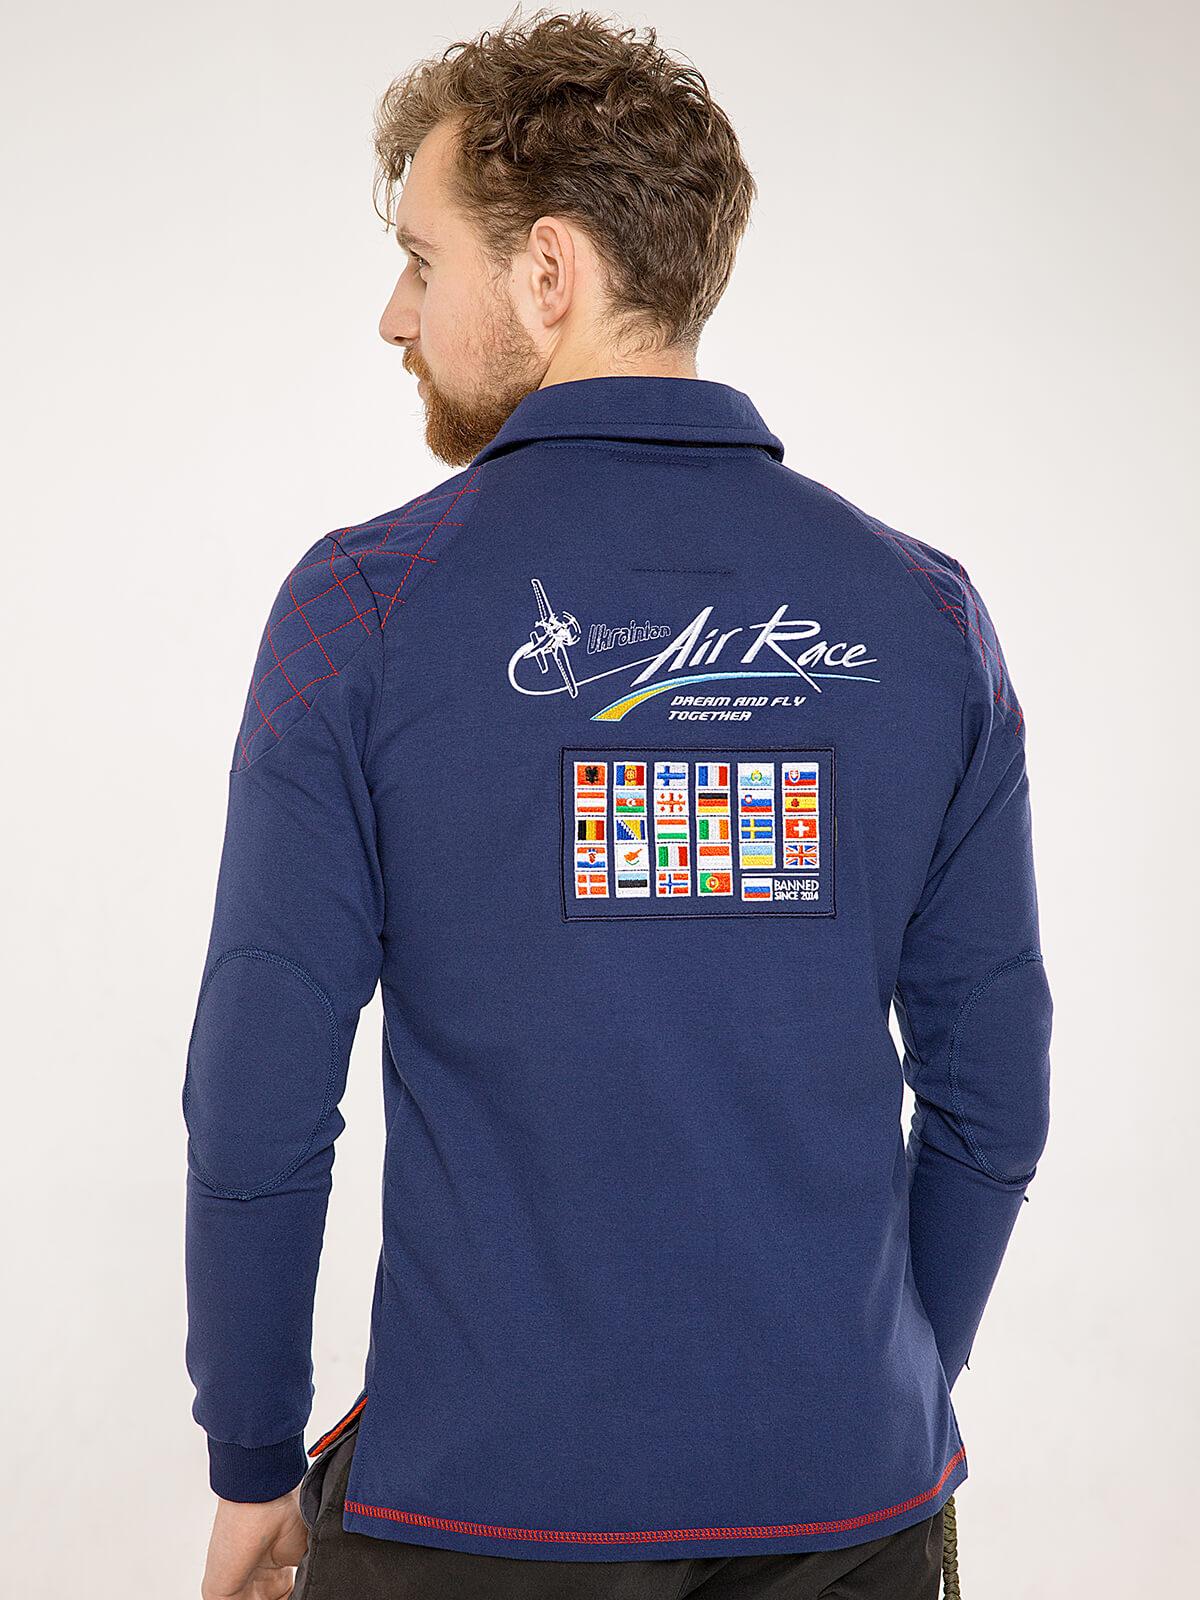 Чоловіче Поло-Лонґ Air Race Odesa. Колір синій.  Матеріал: 75% бавовна, 21% поліефір, 4% спандекс.